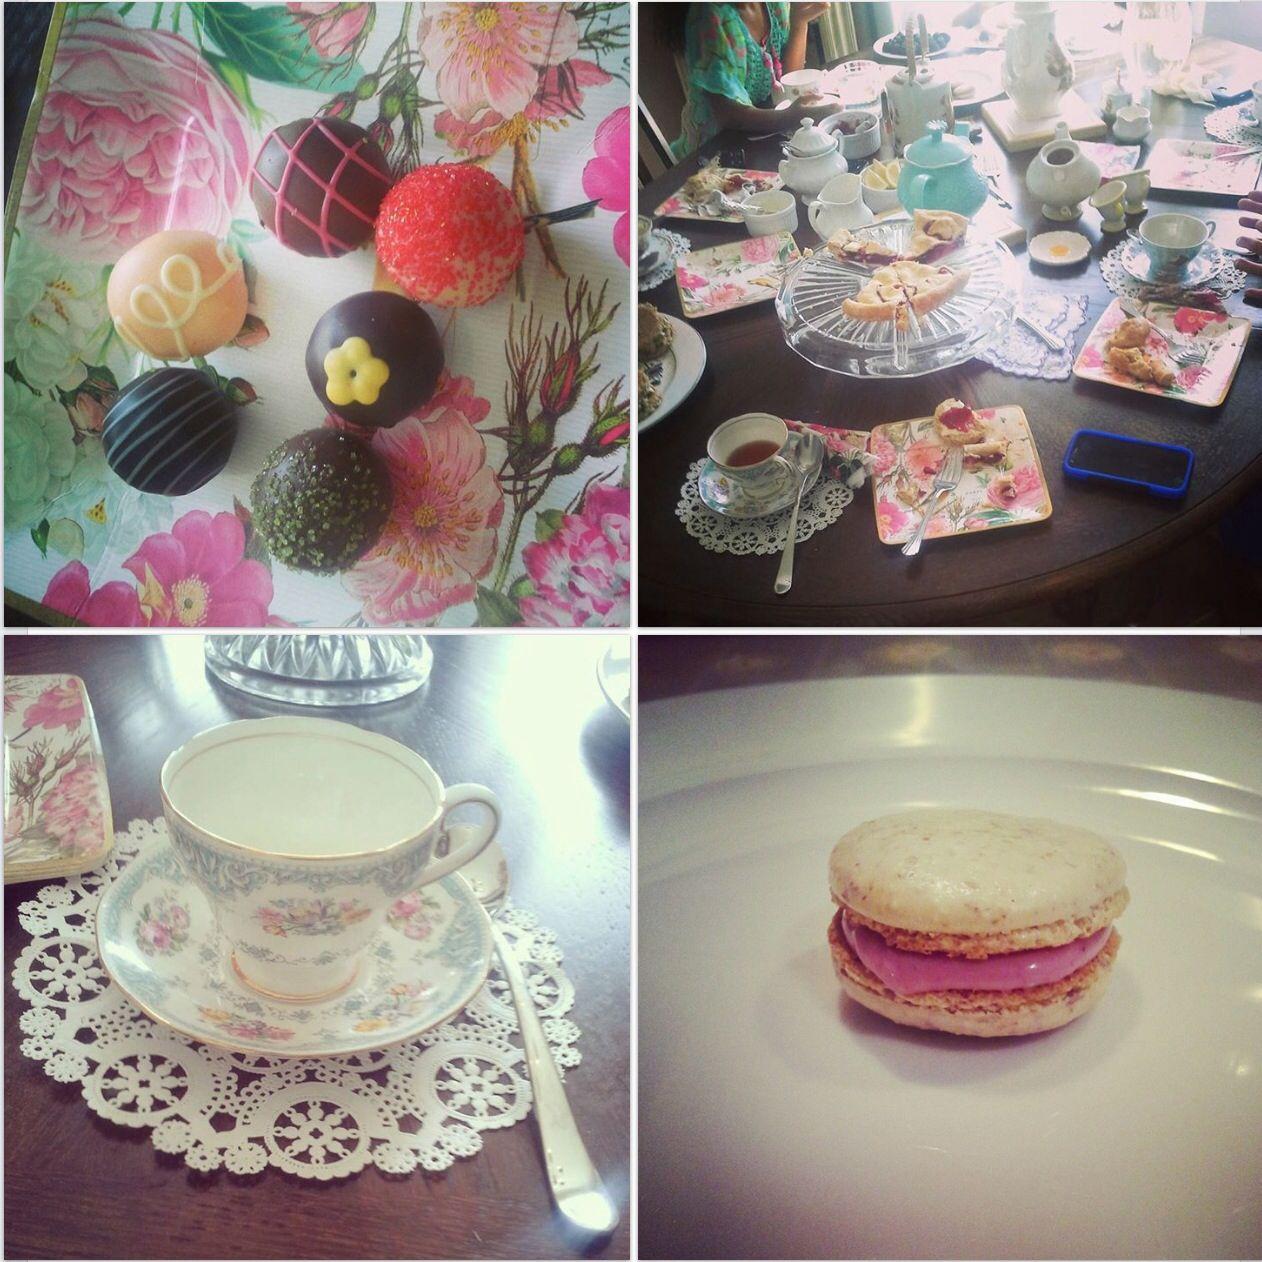 #teatimeatteilas